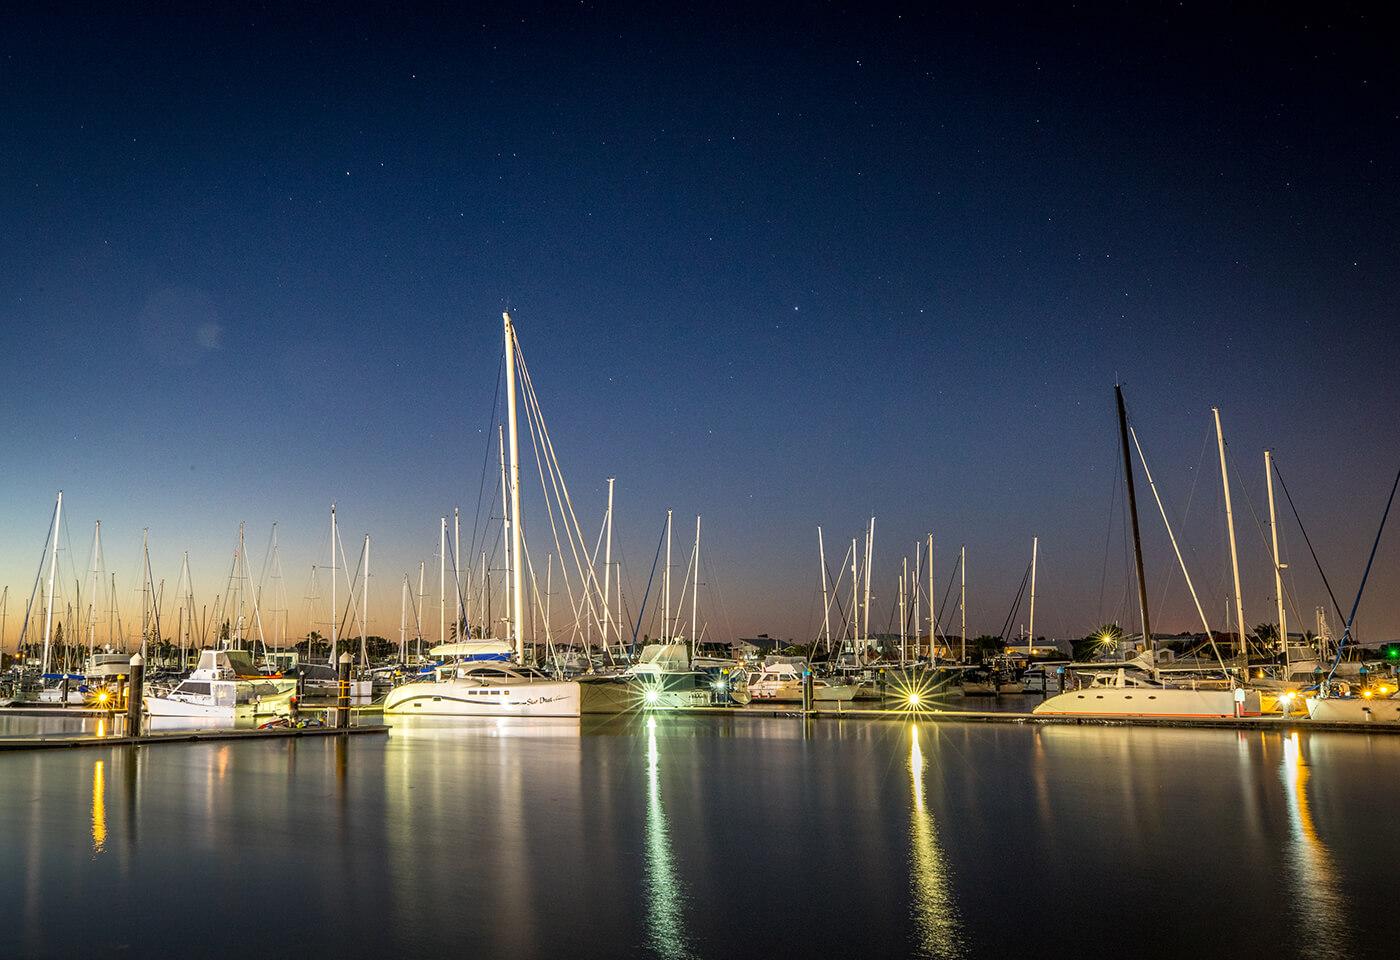 Landscape image of boats on harbour